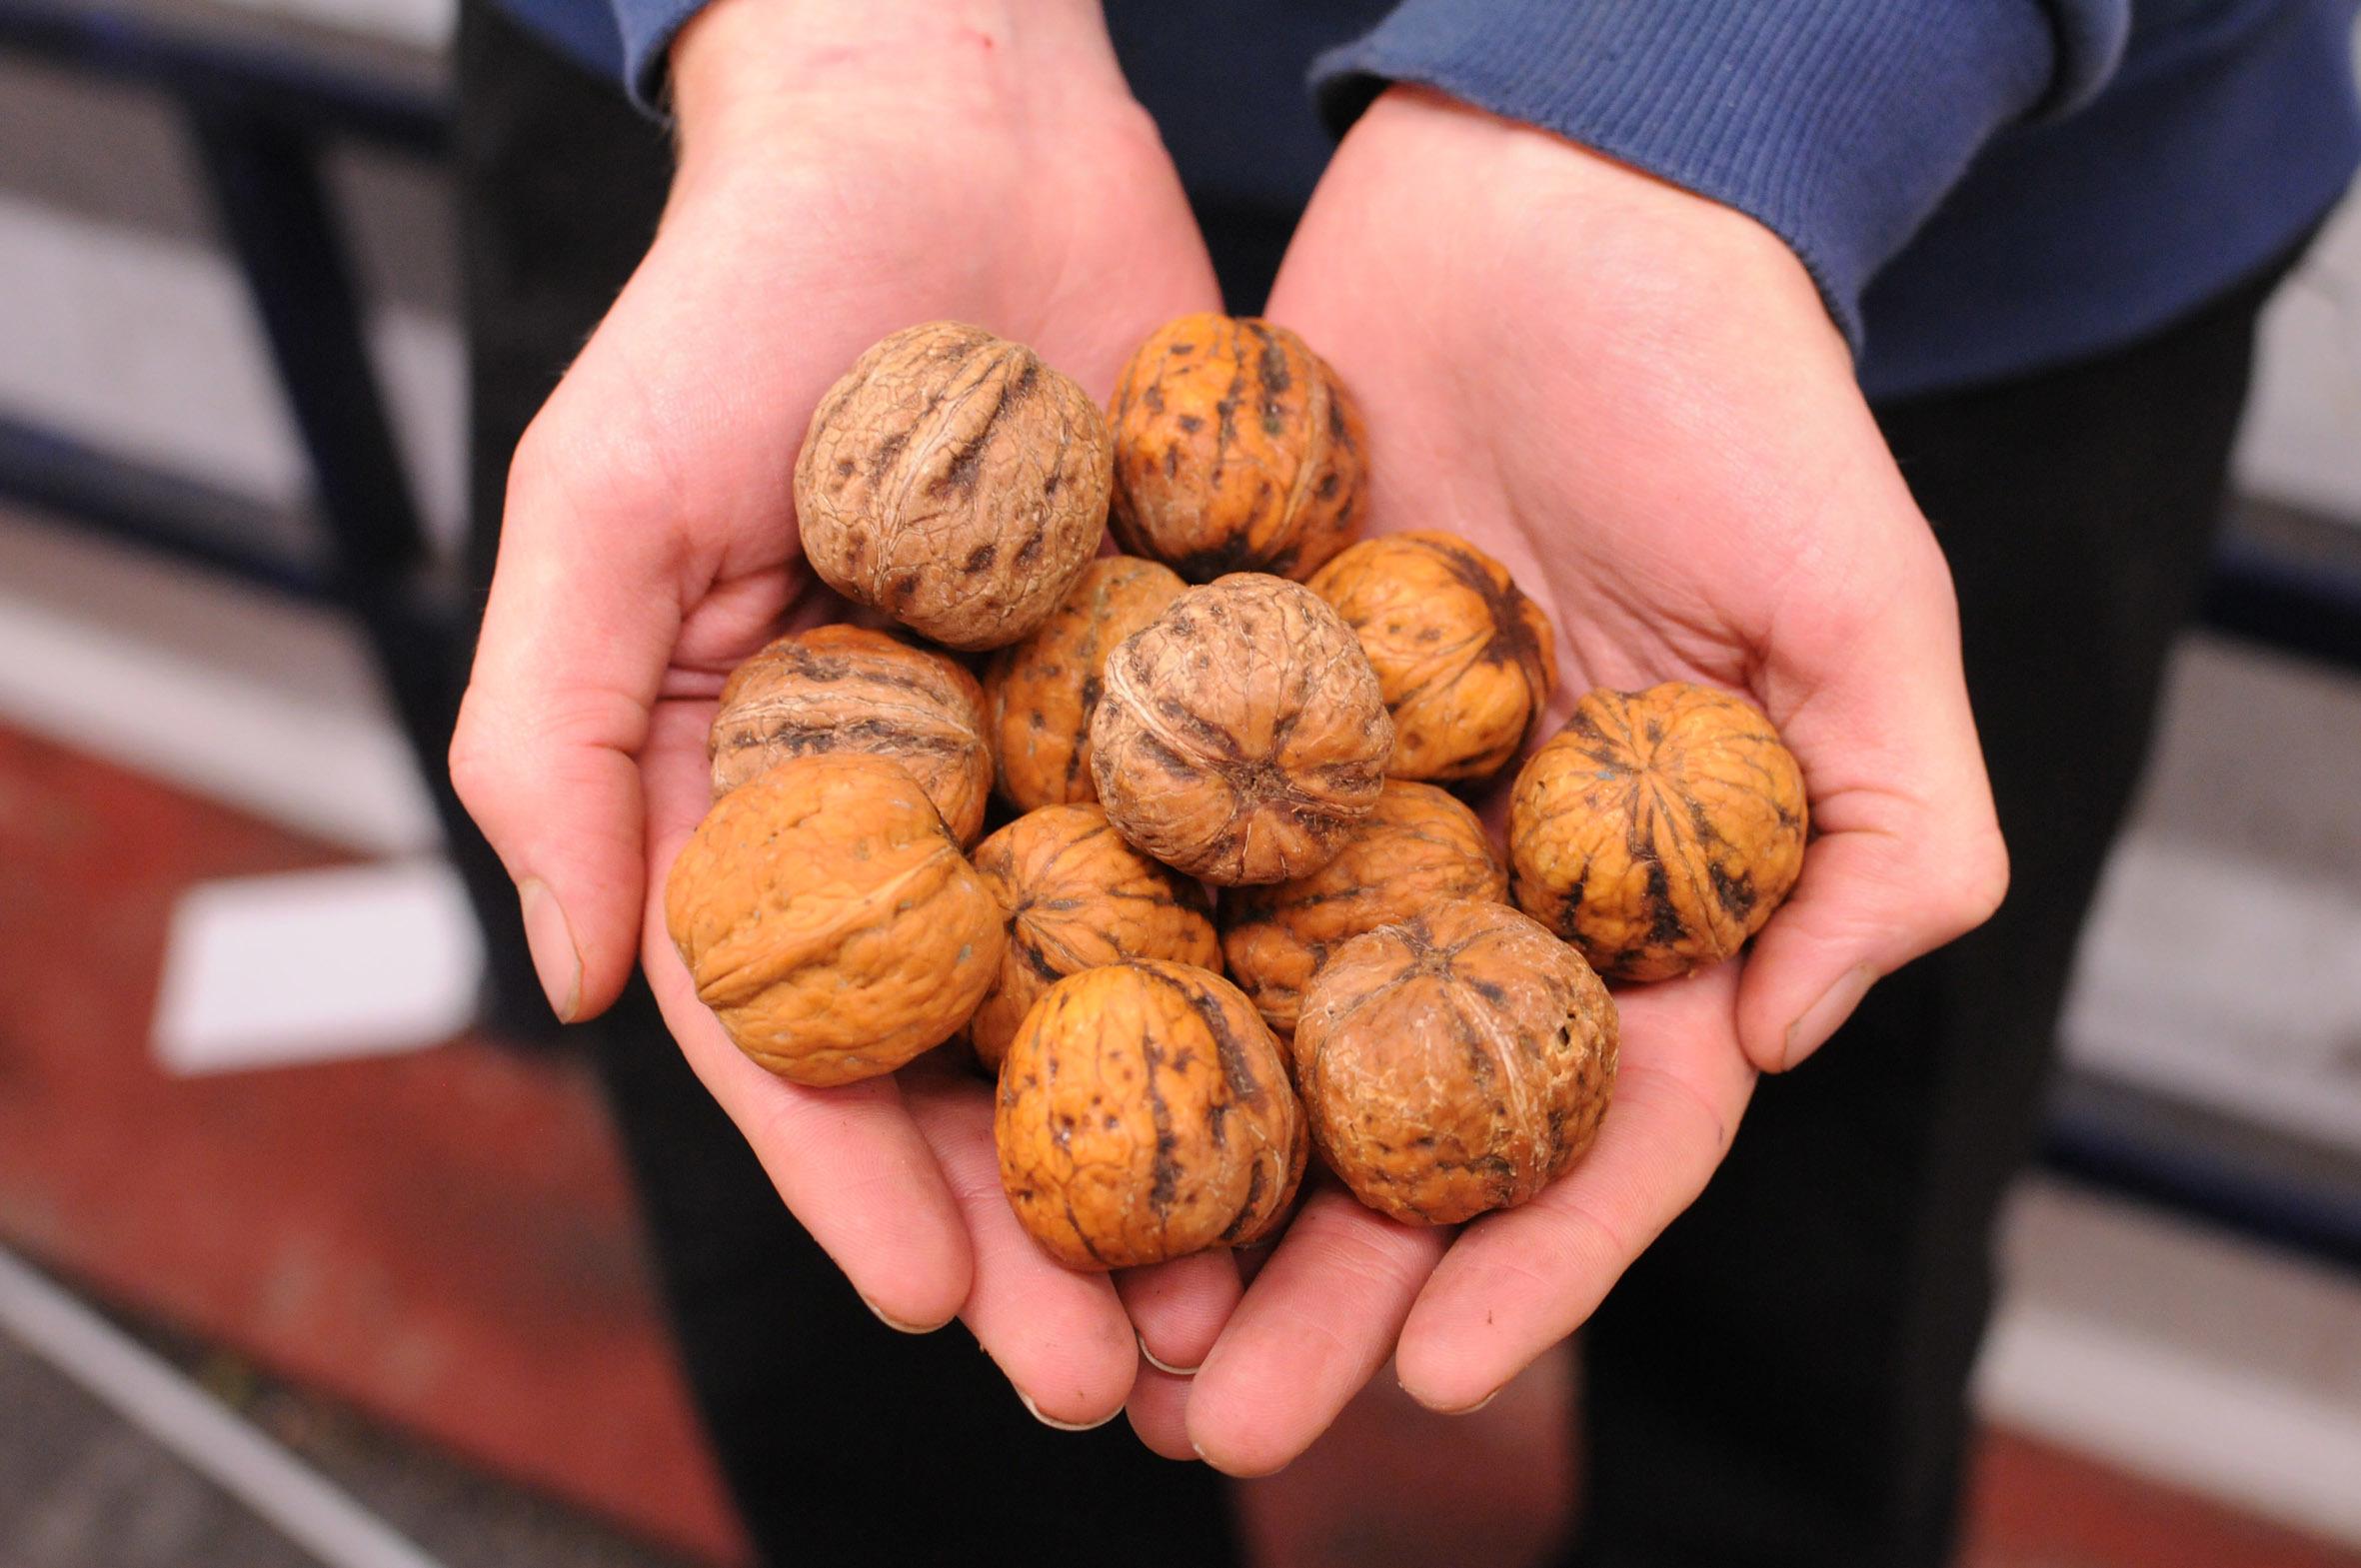 walnuts.jpg?mtime=20170922120533#asset:11421